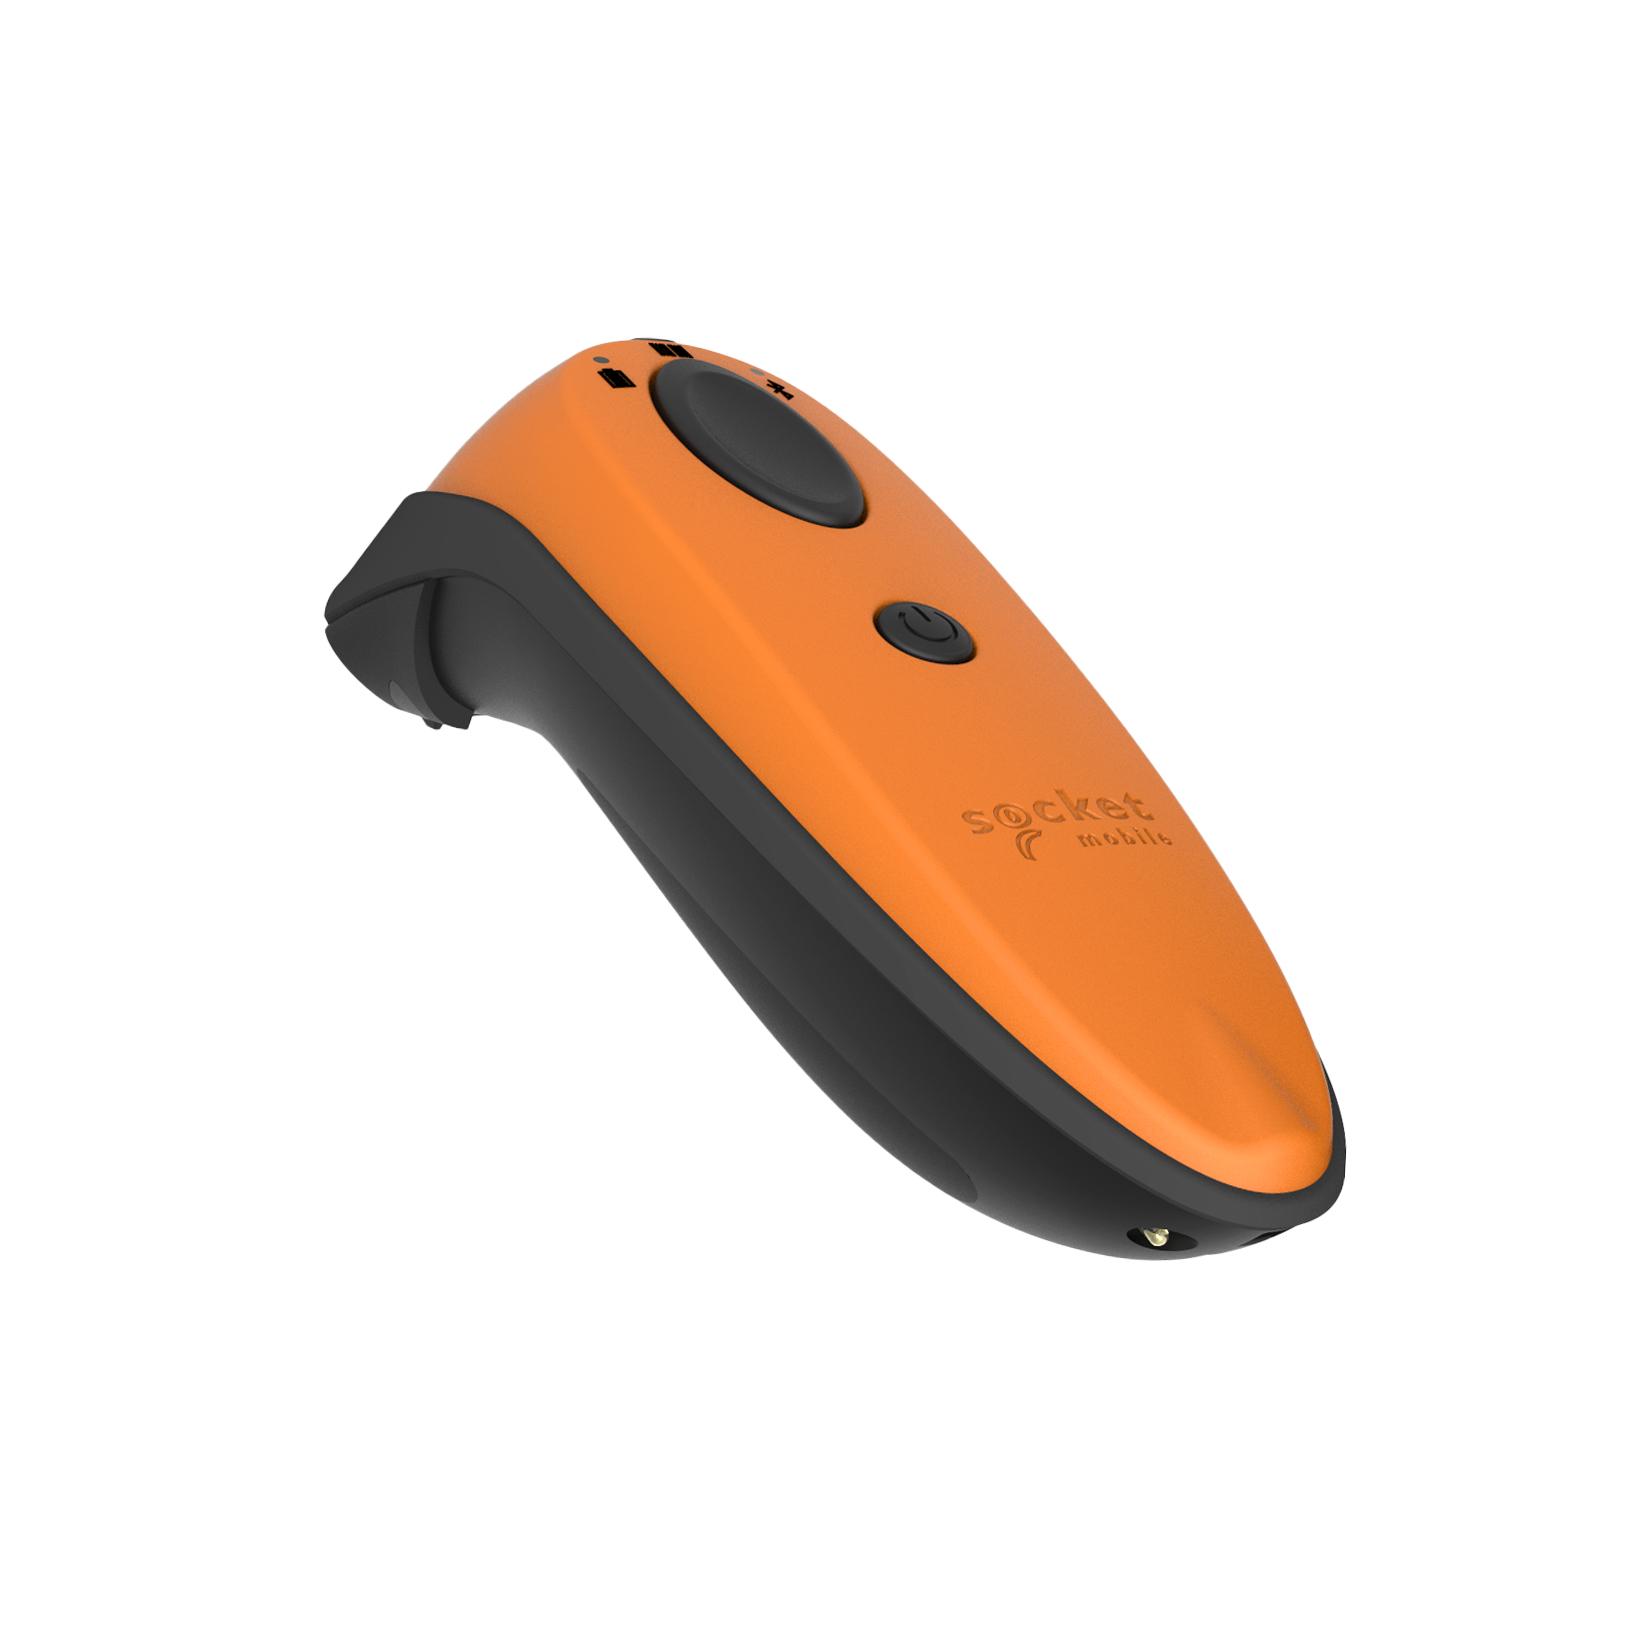 Socket Mobile DuraScan D700 1D Linear Orange Handheld bar code reader